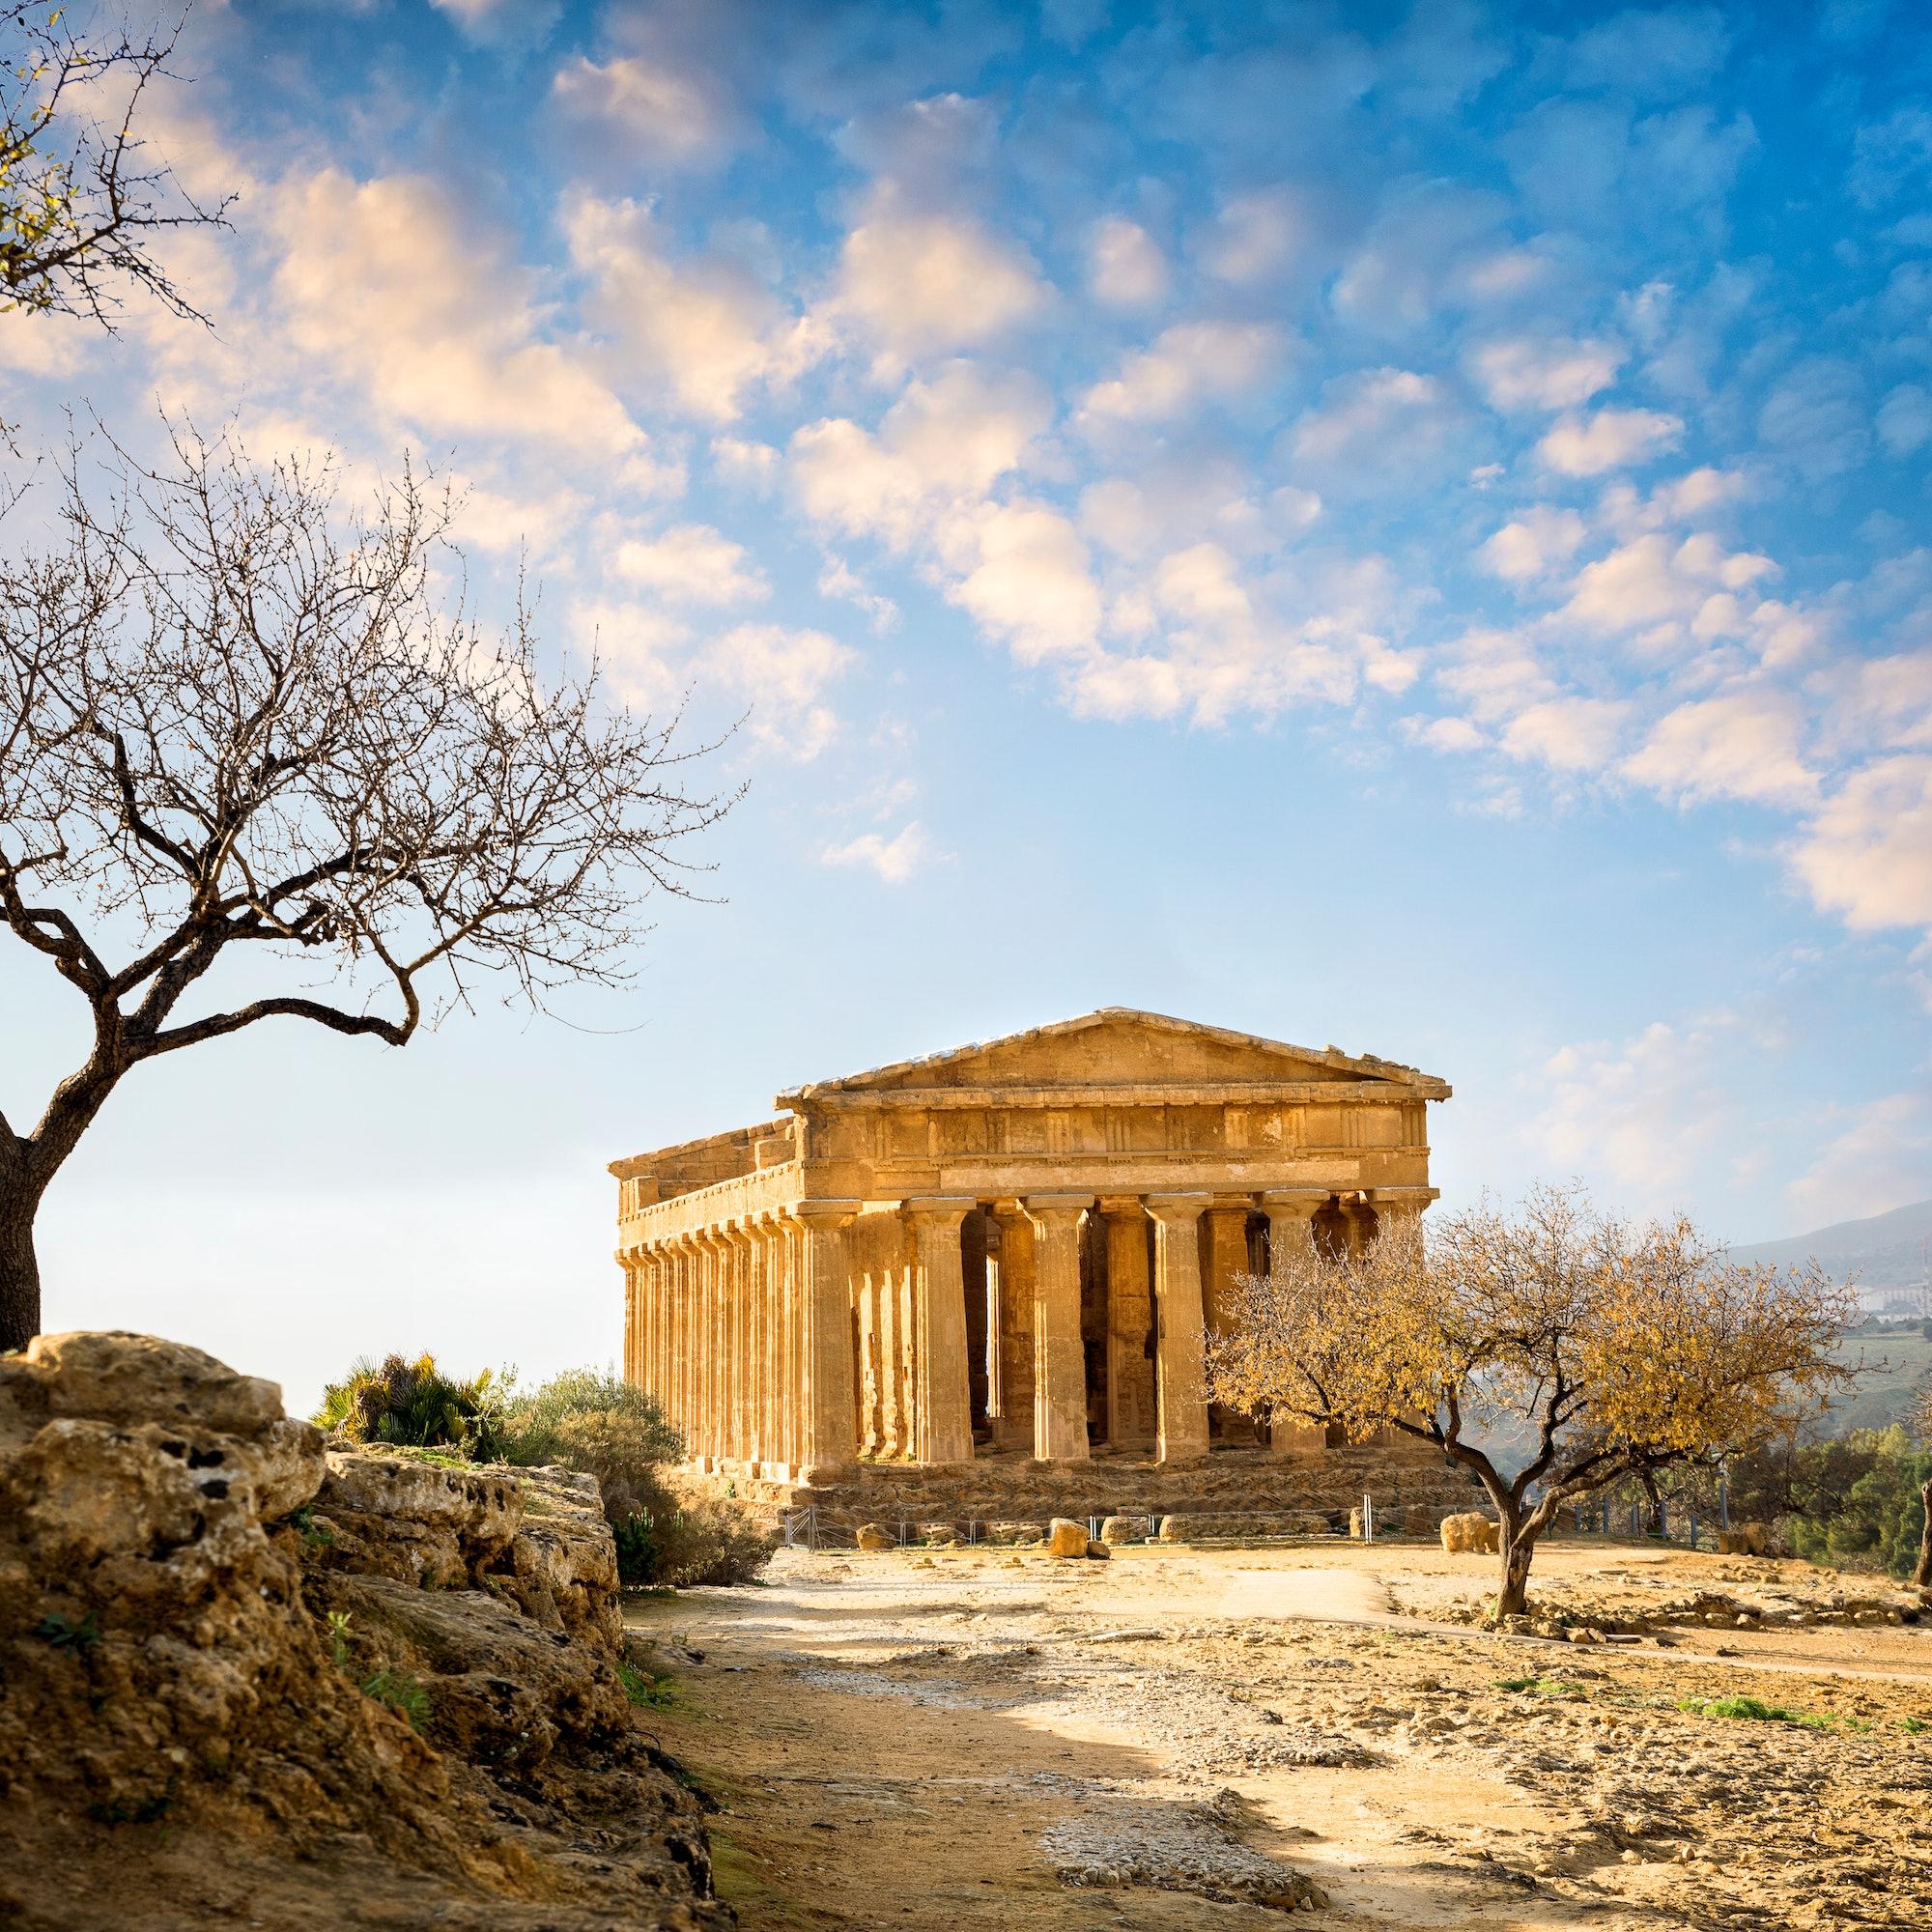 De Vallei van de Tempels in Agrigento + Audiogids cover